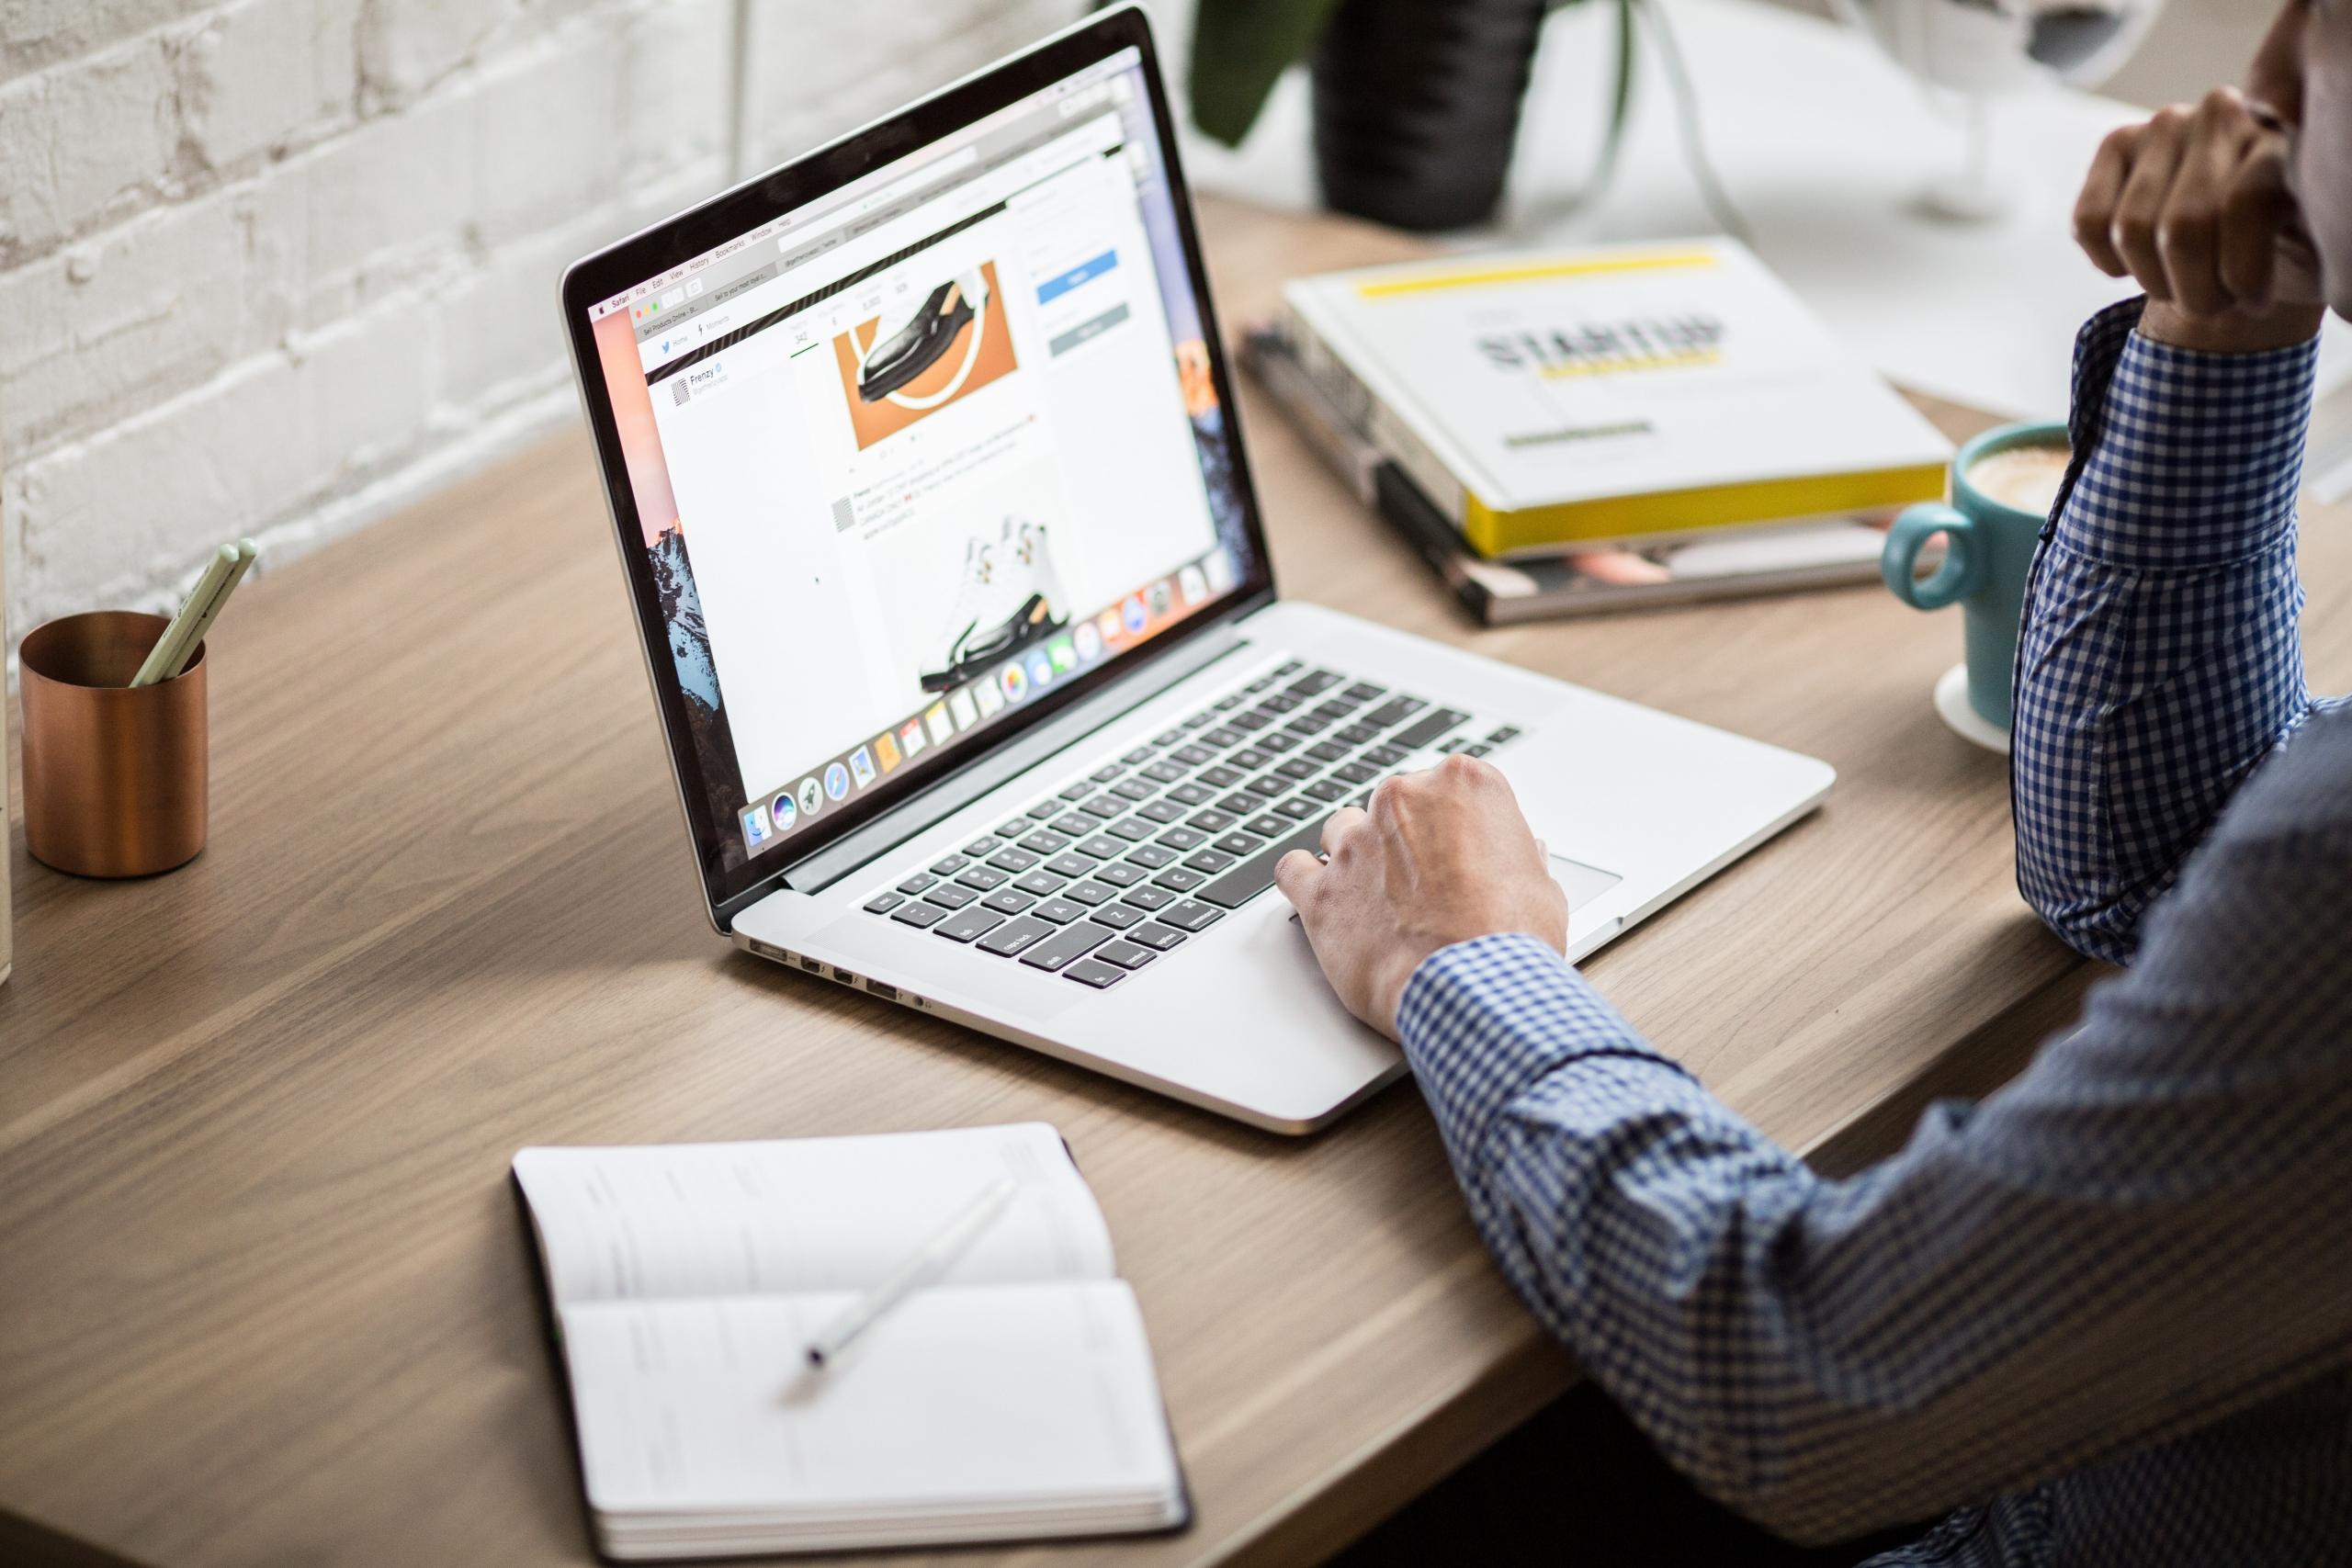 00012_Bild für Blog der General Consulting Group Unternehmensberatung mit den Schwerpunkten Businessplan, Förderung, Gesellschaftsvertrag, Digitalisierung, Webseite, Social Media und Datenschutz